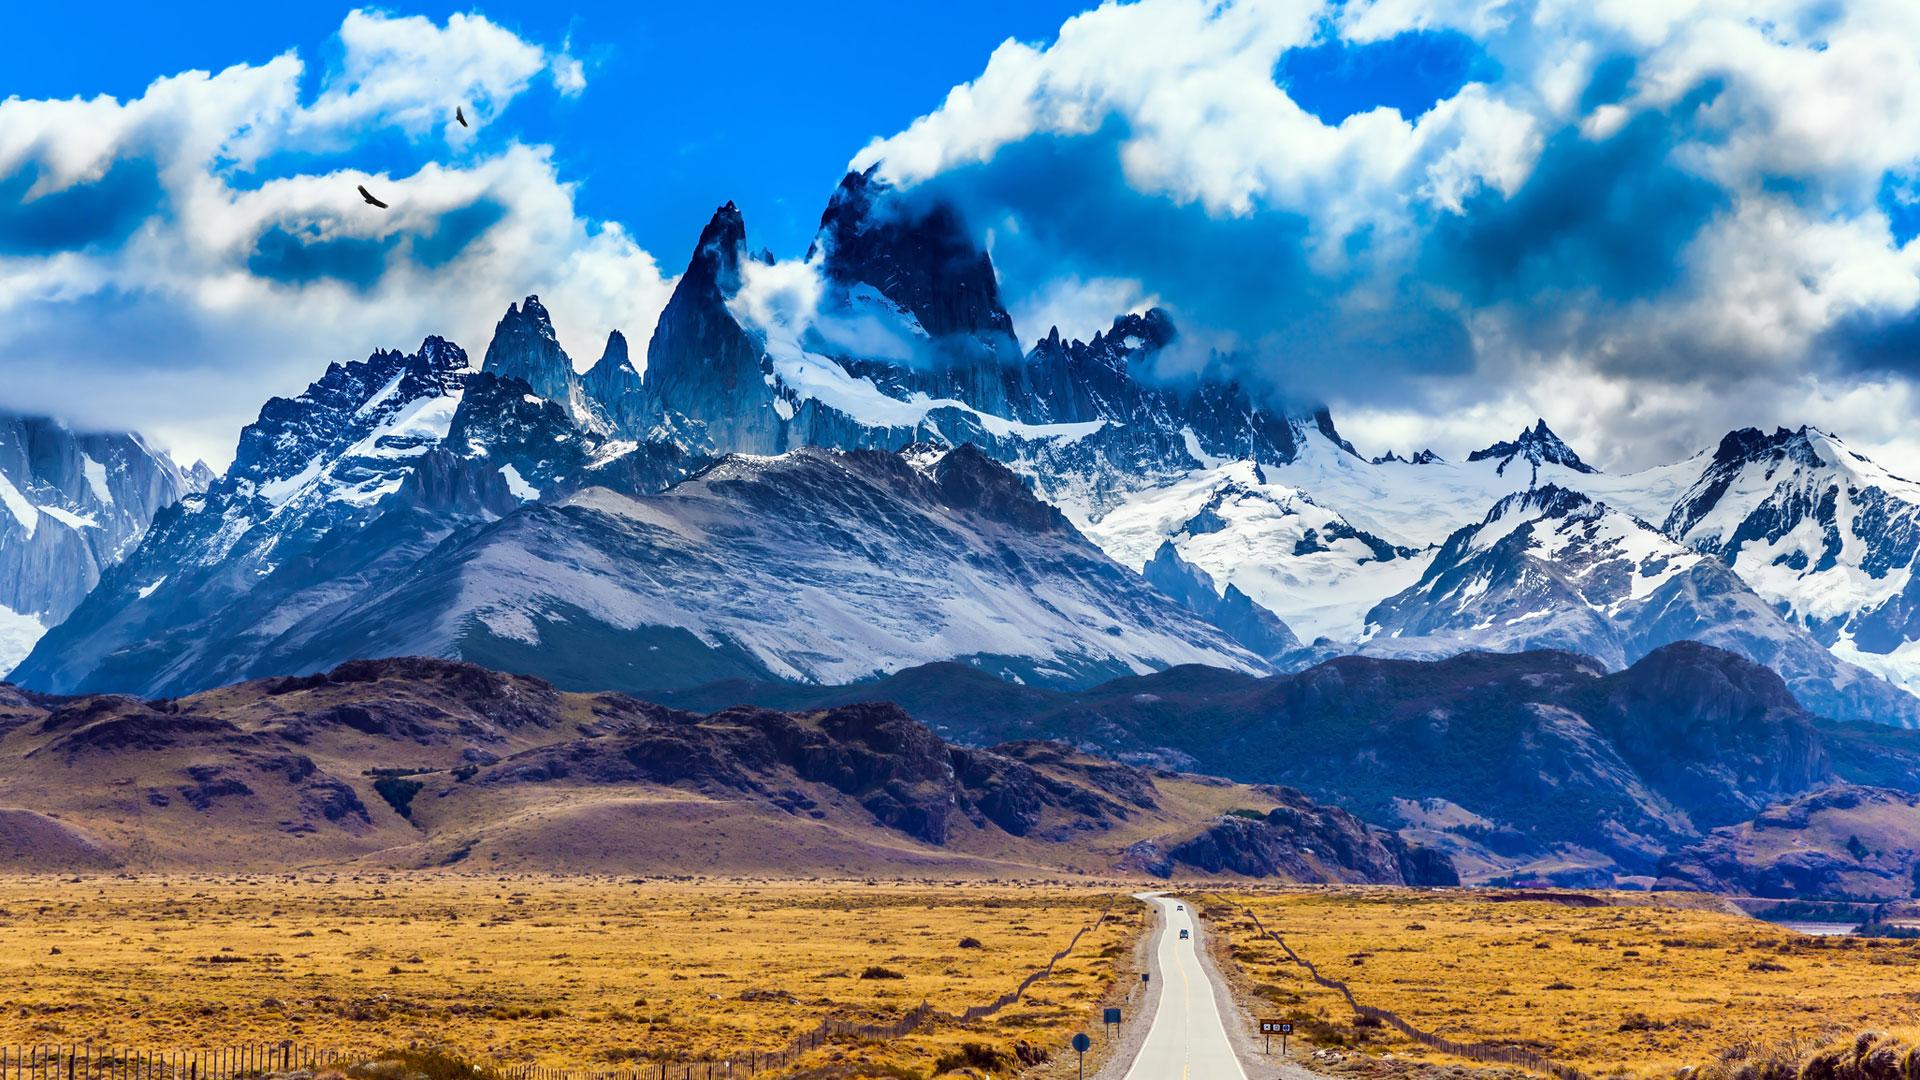 Las dos cumbres de turismo coinciden y presentan una gran oportunidad para el sector.